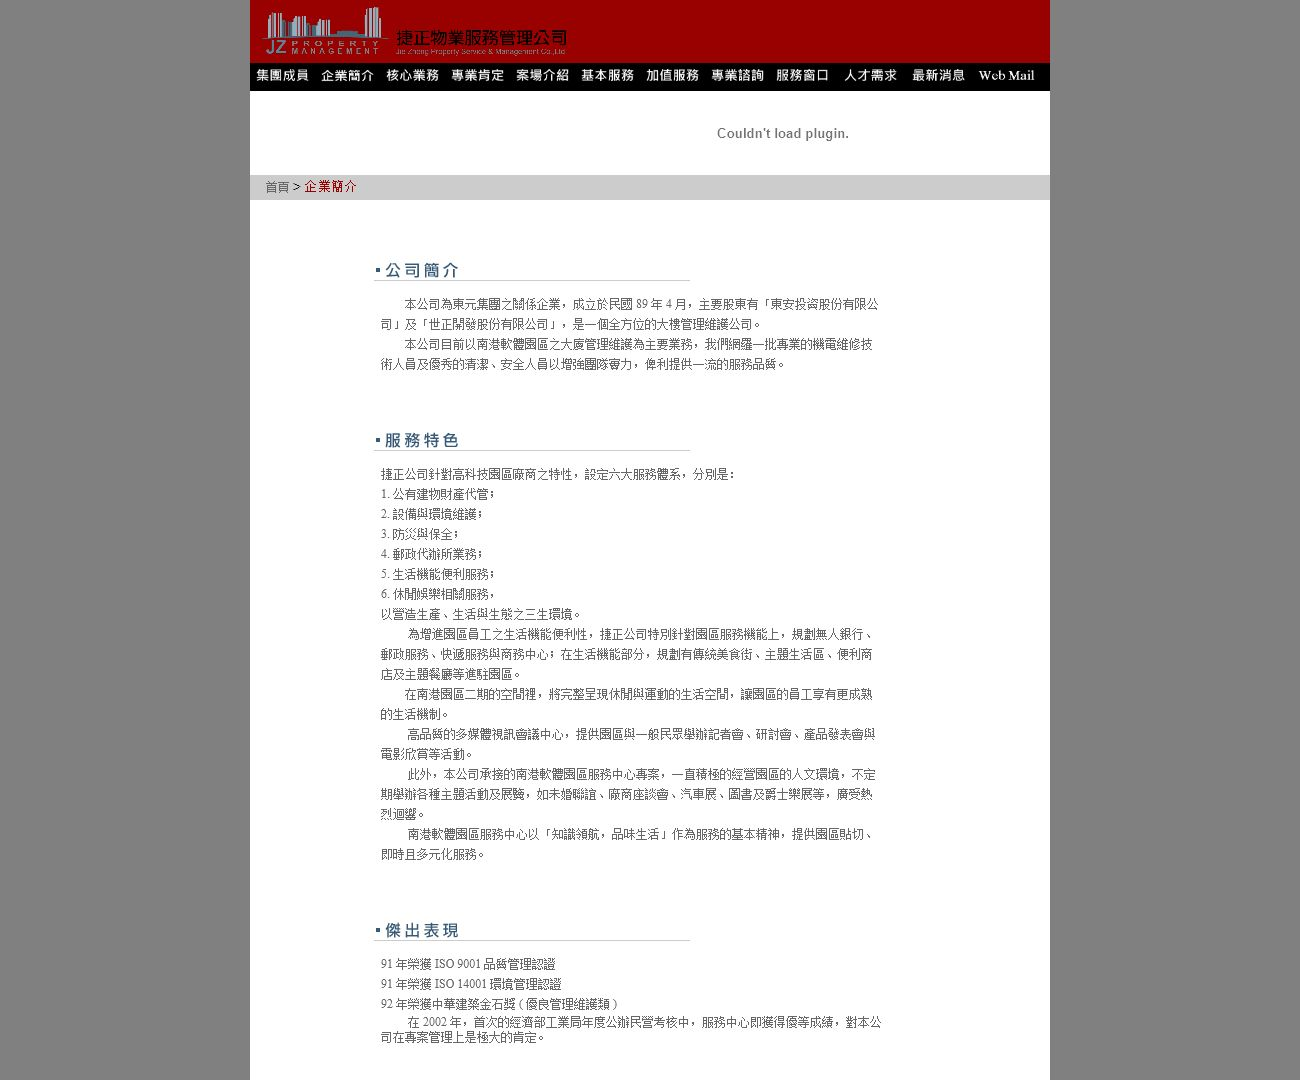 捷正公寓大廈管理維護股份有限公司 - Coccad.com